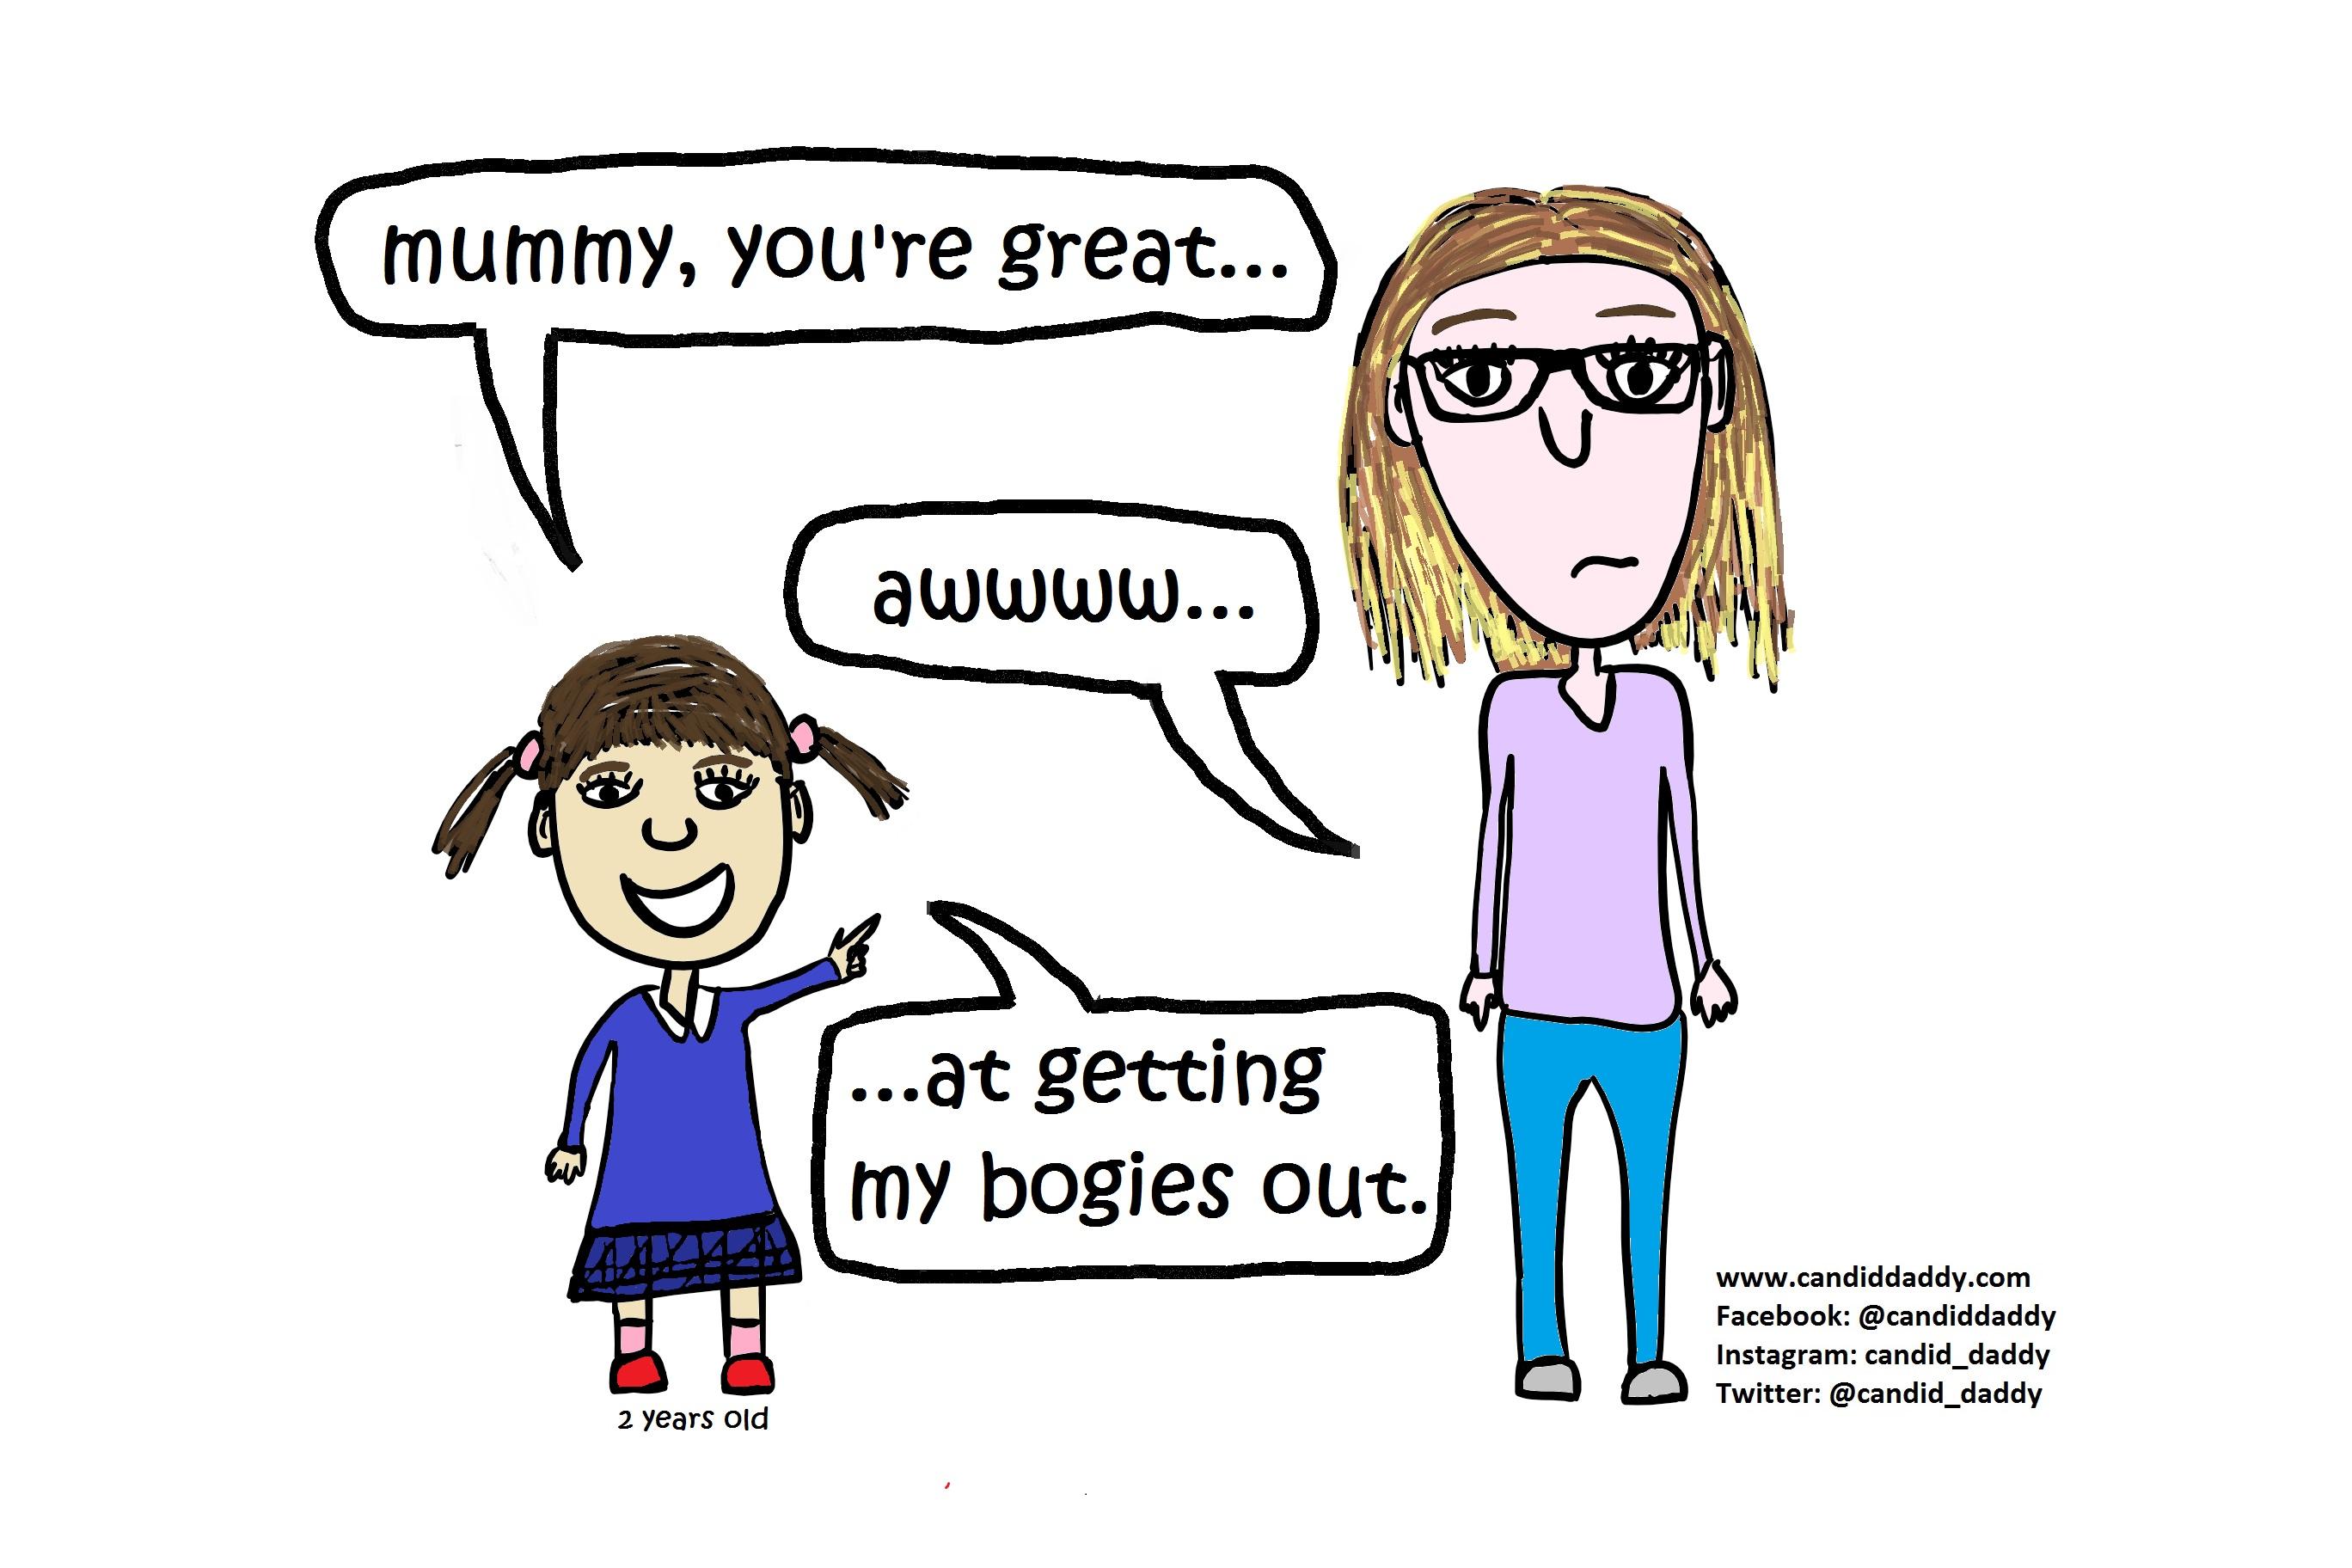 candid daddy - Bogeys